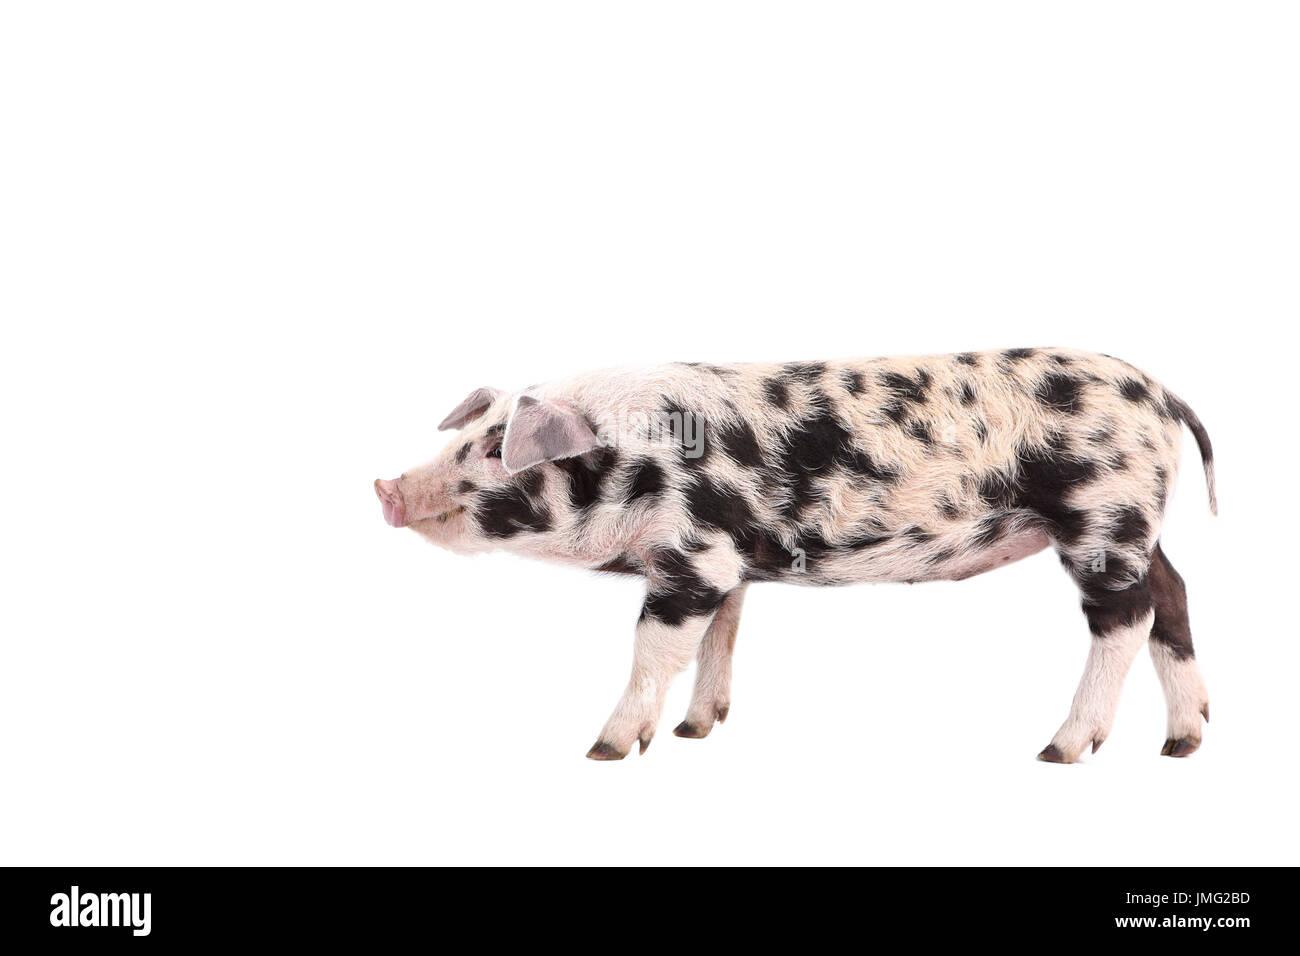 Schön Schwein Zähne Anatomie Fotos - Anatomie Von Menschlichen ...